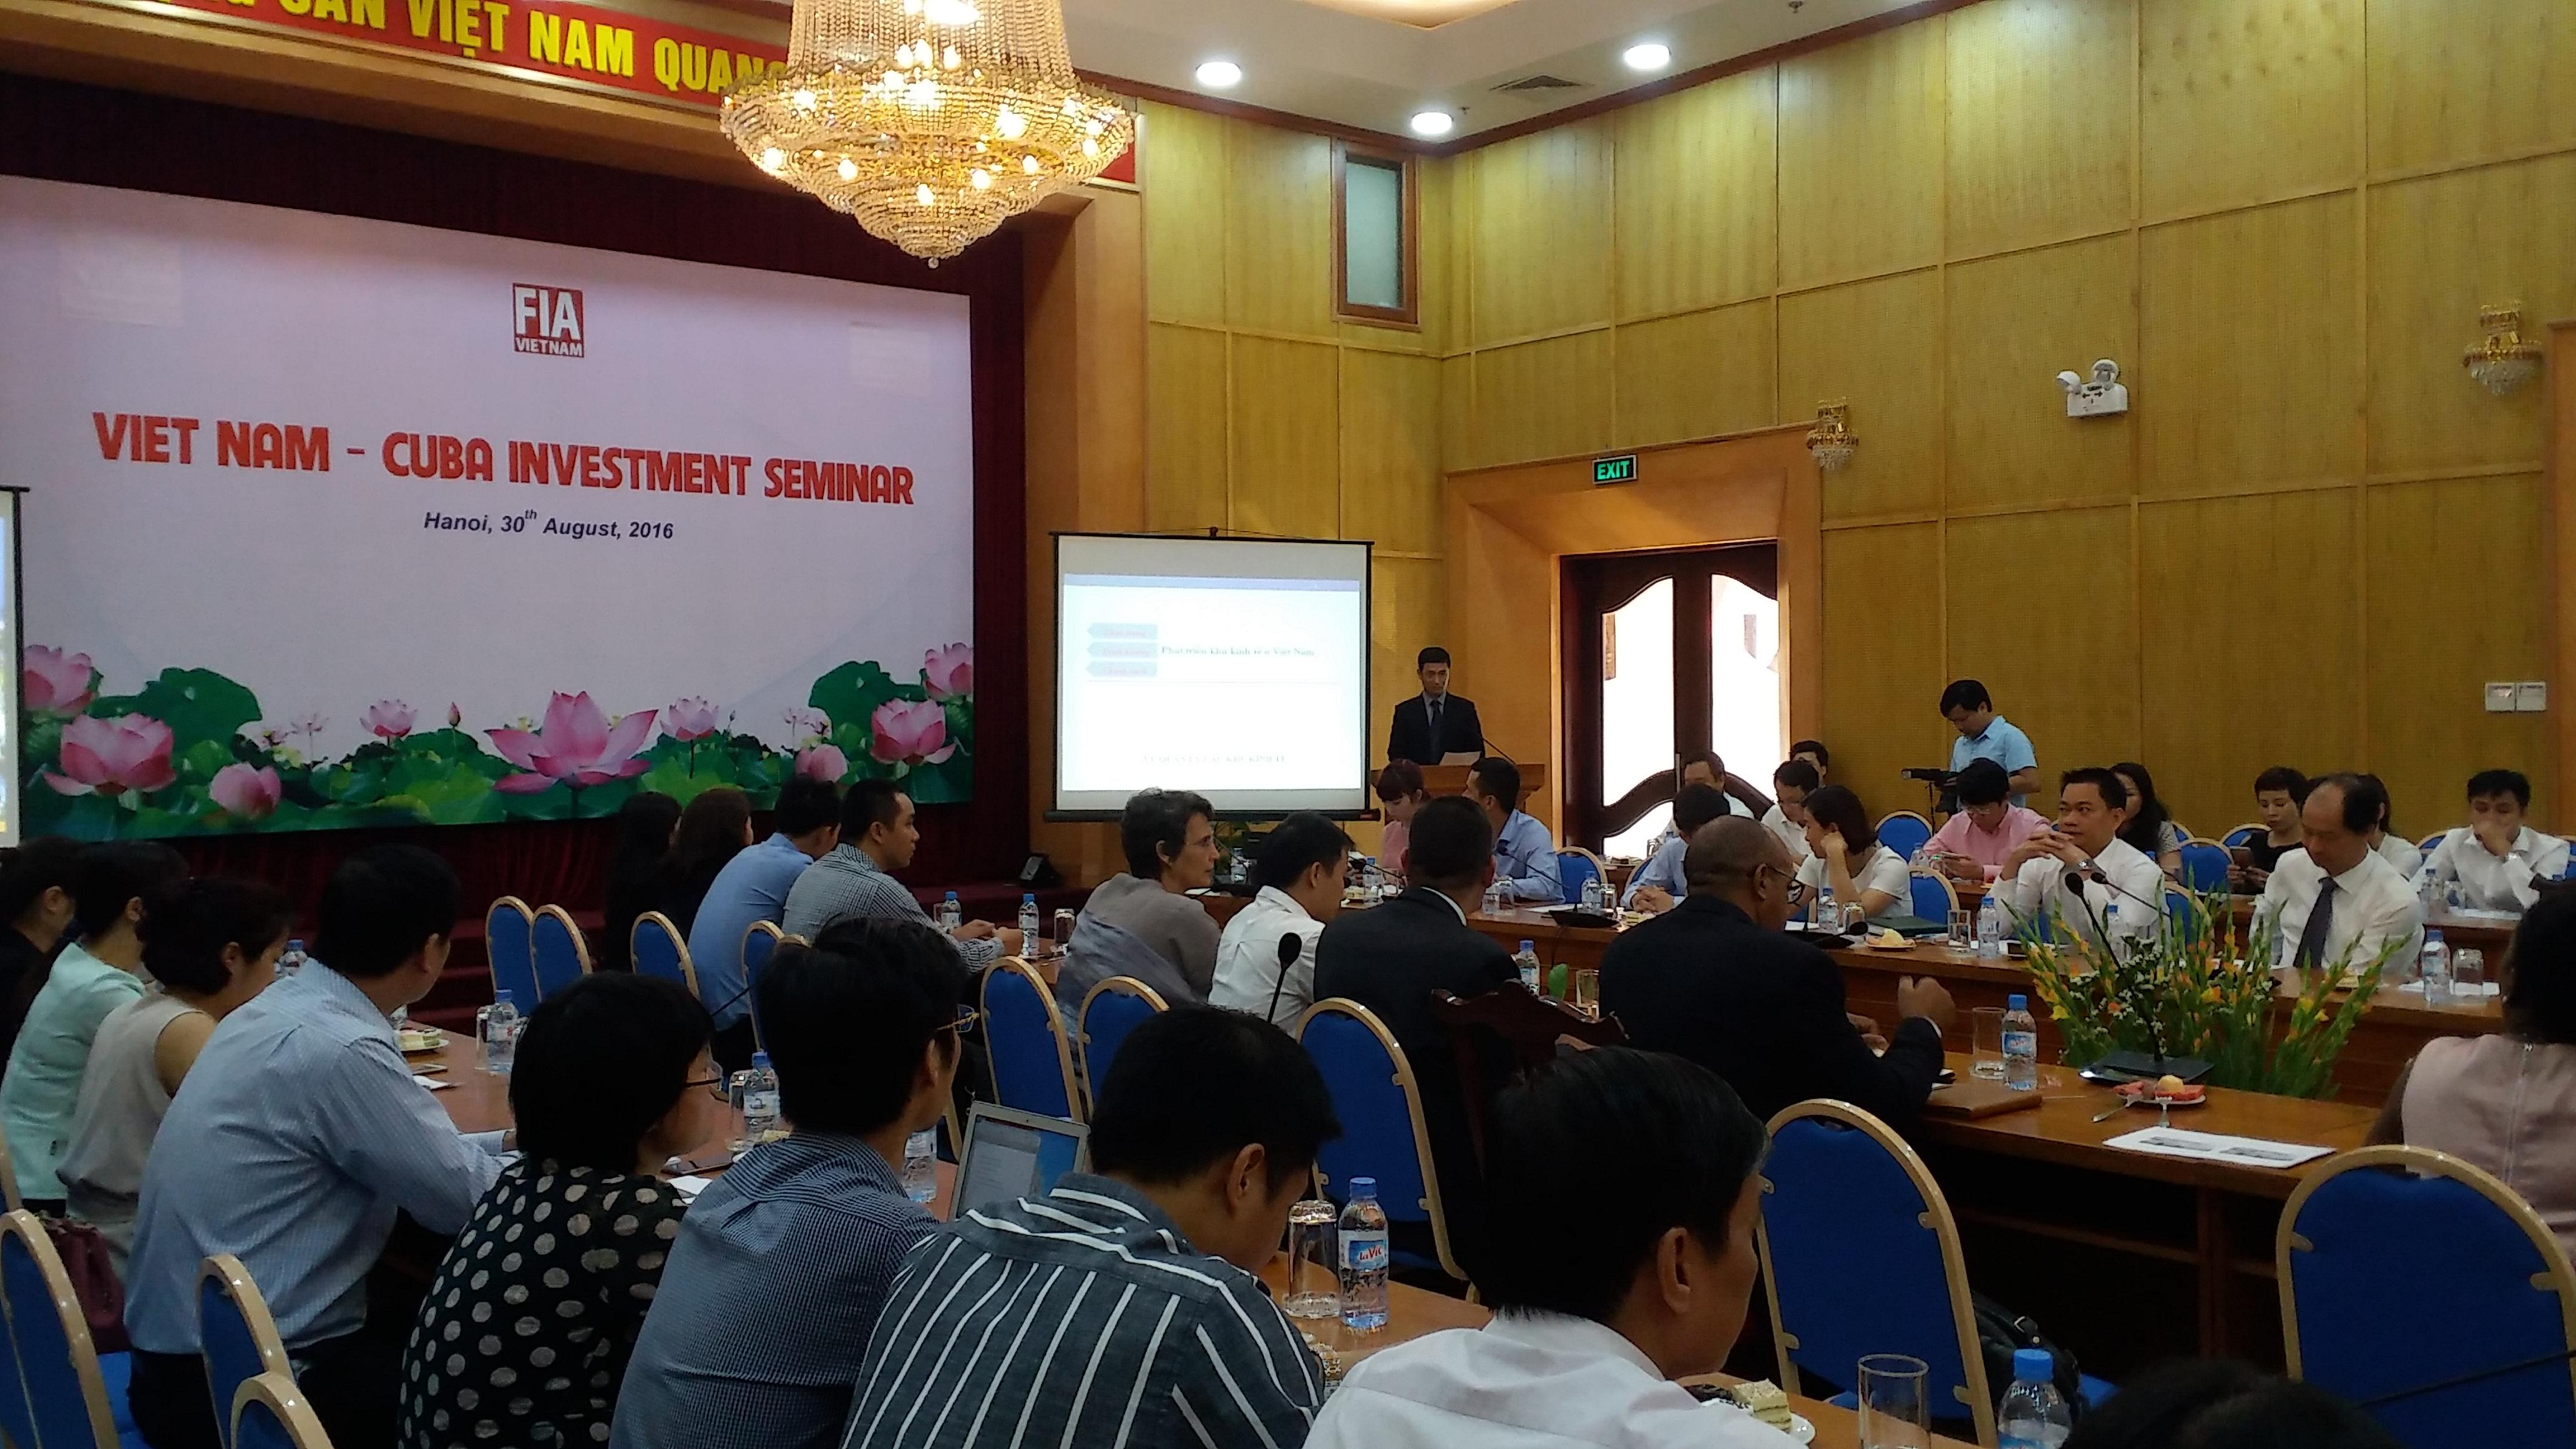 Tăng cường hợp tác đầu tư giữa Việt Nam – CuBa